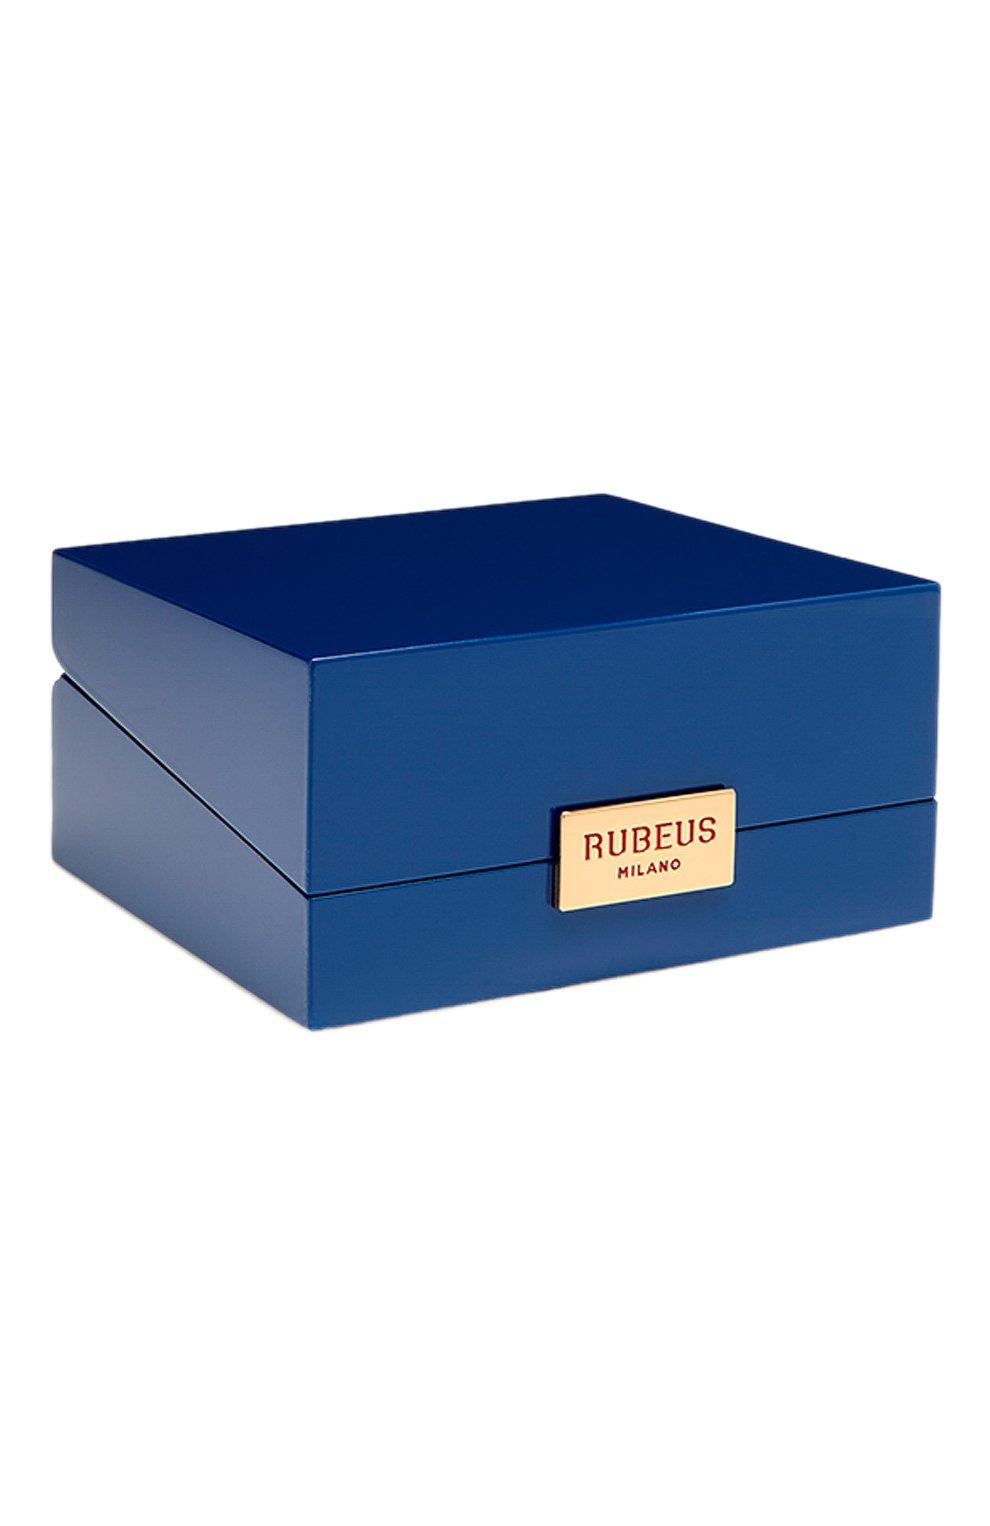 Женский духи bleu RUBEUS MILANO бесцветного цвета, арт. 8056477160251 | Фото 5